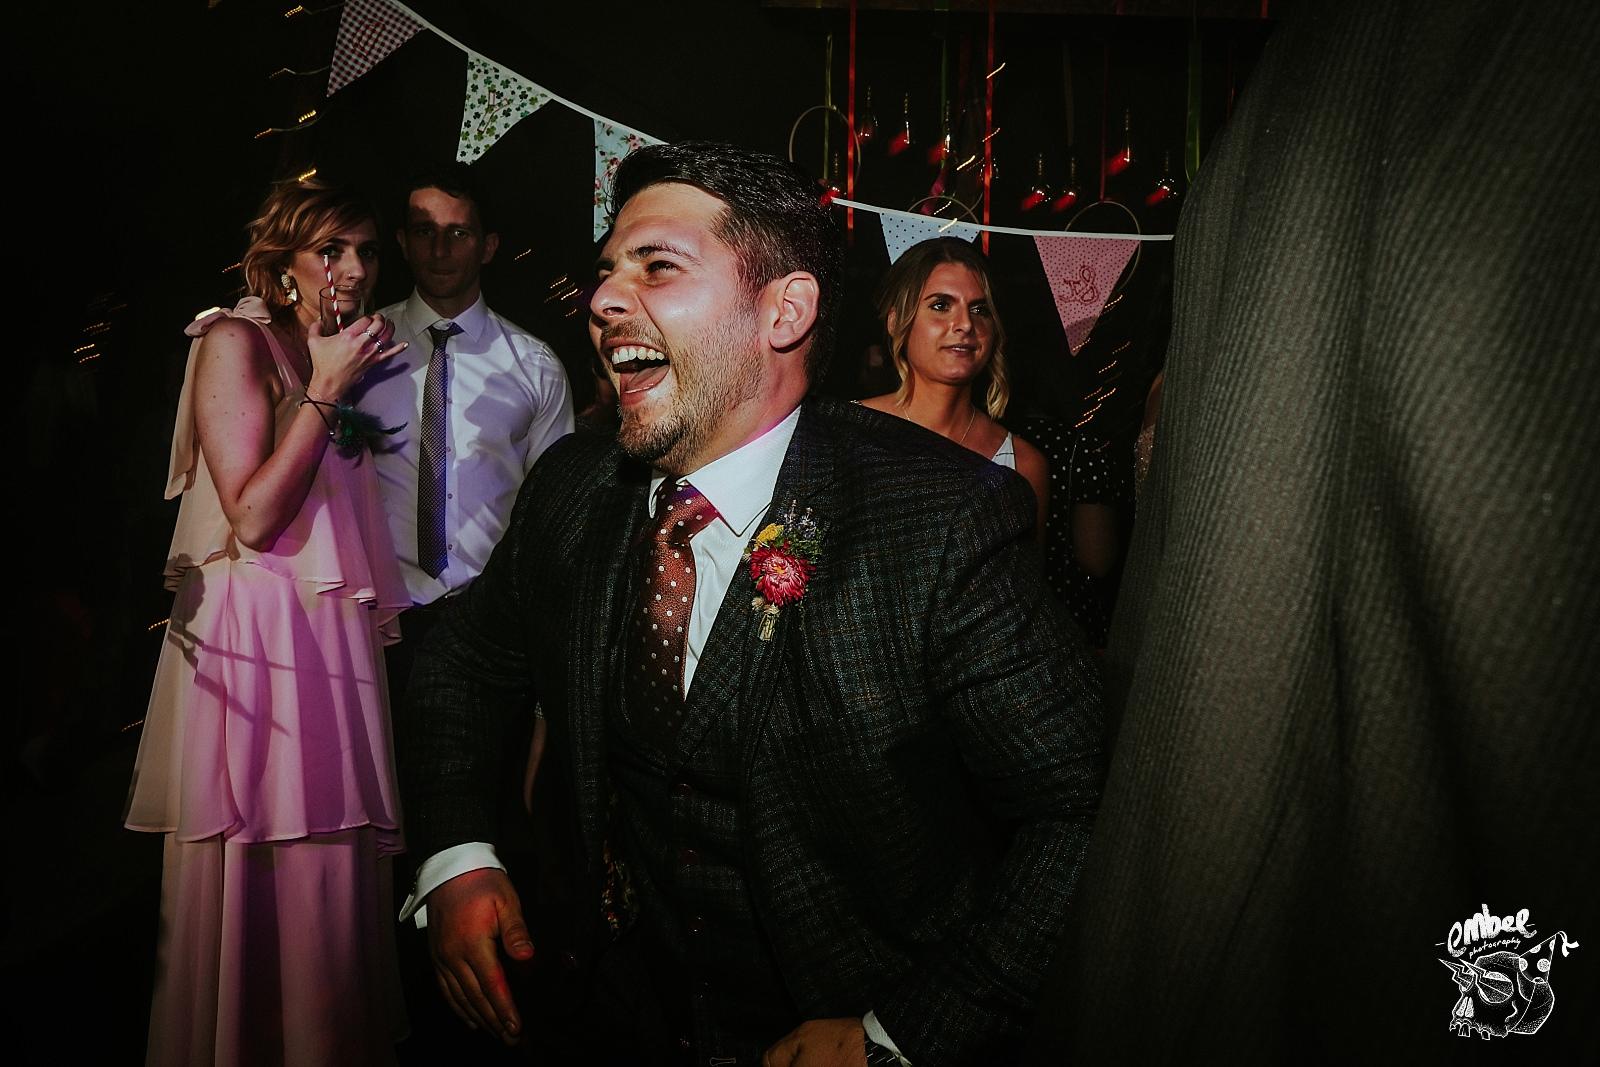 dancing groom